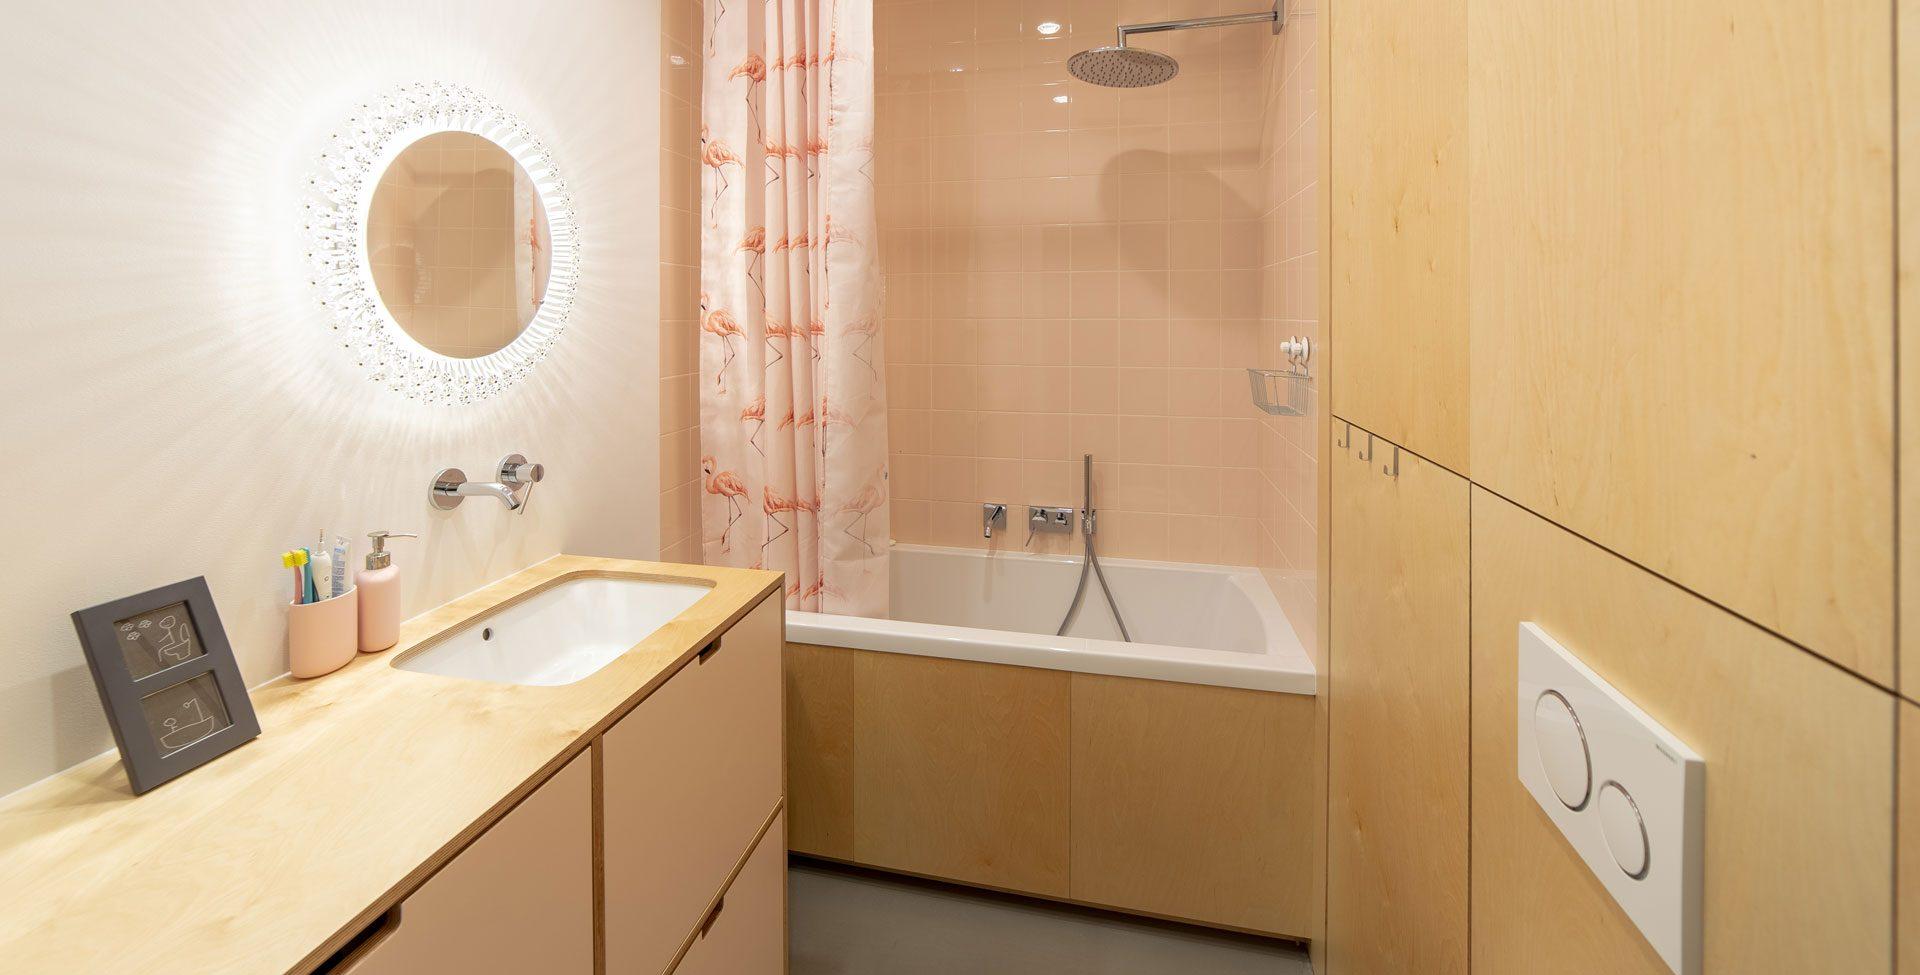 Łazienka jak z poprzedniej epoki